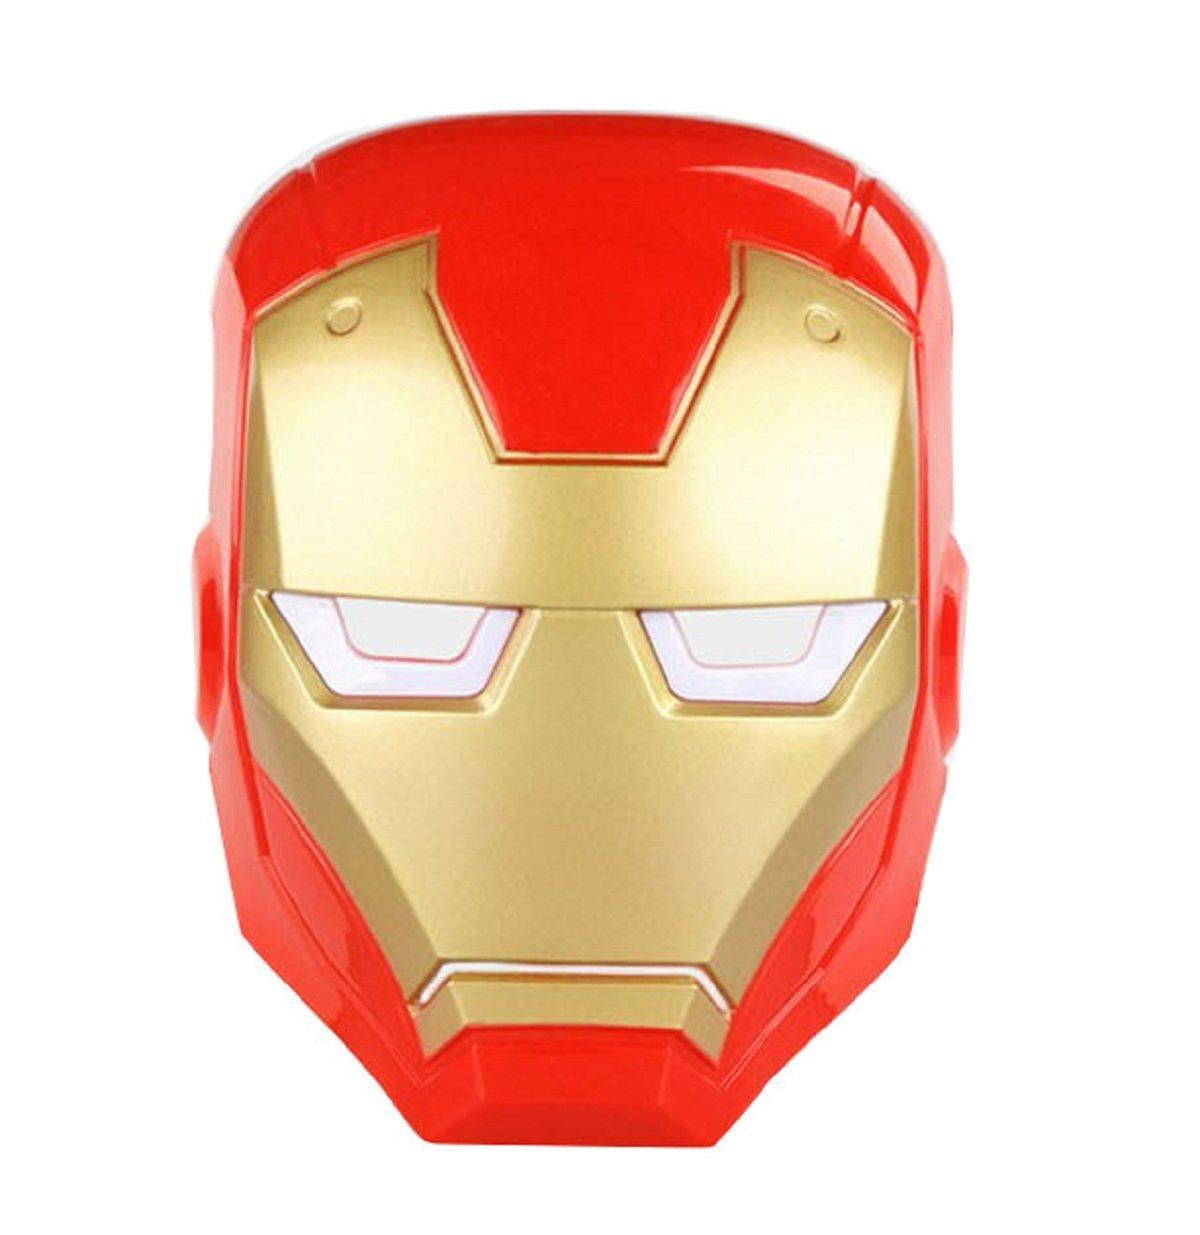 Inception Pro Infinite Máscara - Hierro - Hombre - Adultos - Niños - Carnaval - Halloween - Disfraz - Cosplay: Amazon.es: Juguetes y juegos